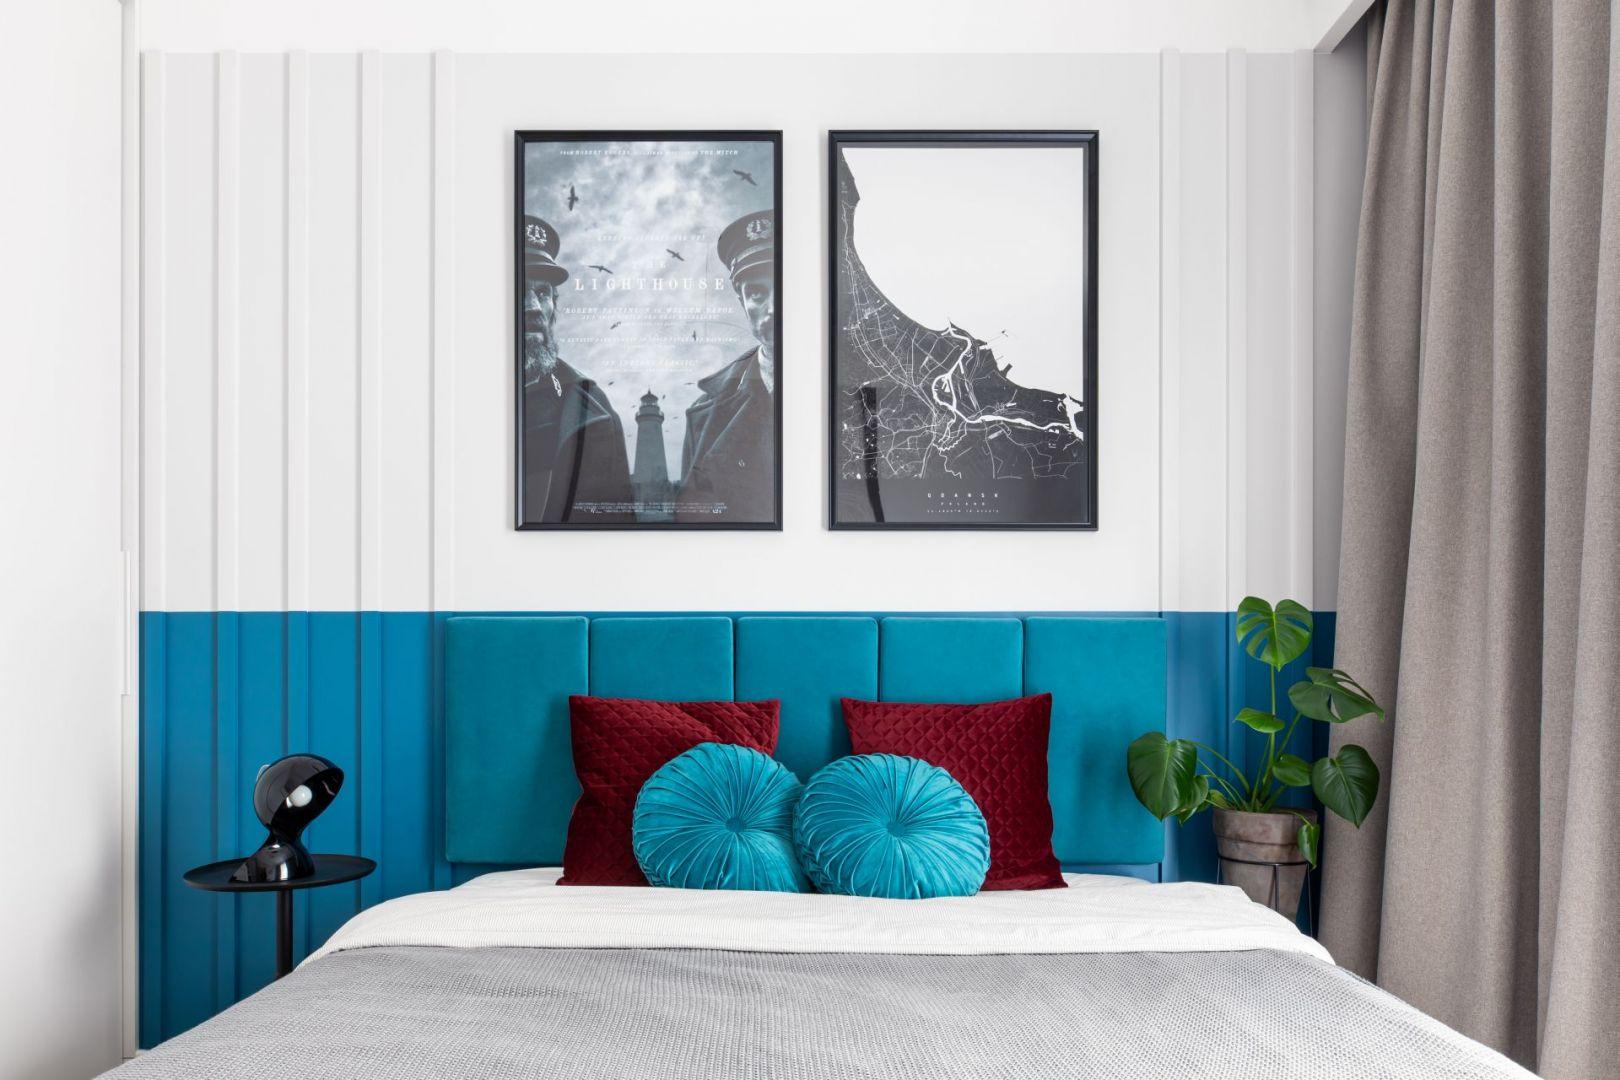 Pomysł na wąską i małą sypialnię w bloku. Projekt: Maria Nielubszyc, pracownia PURA design. Zdjęcia: Jakub Nanowski